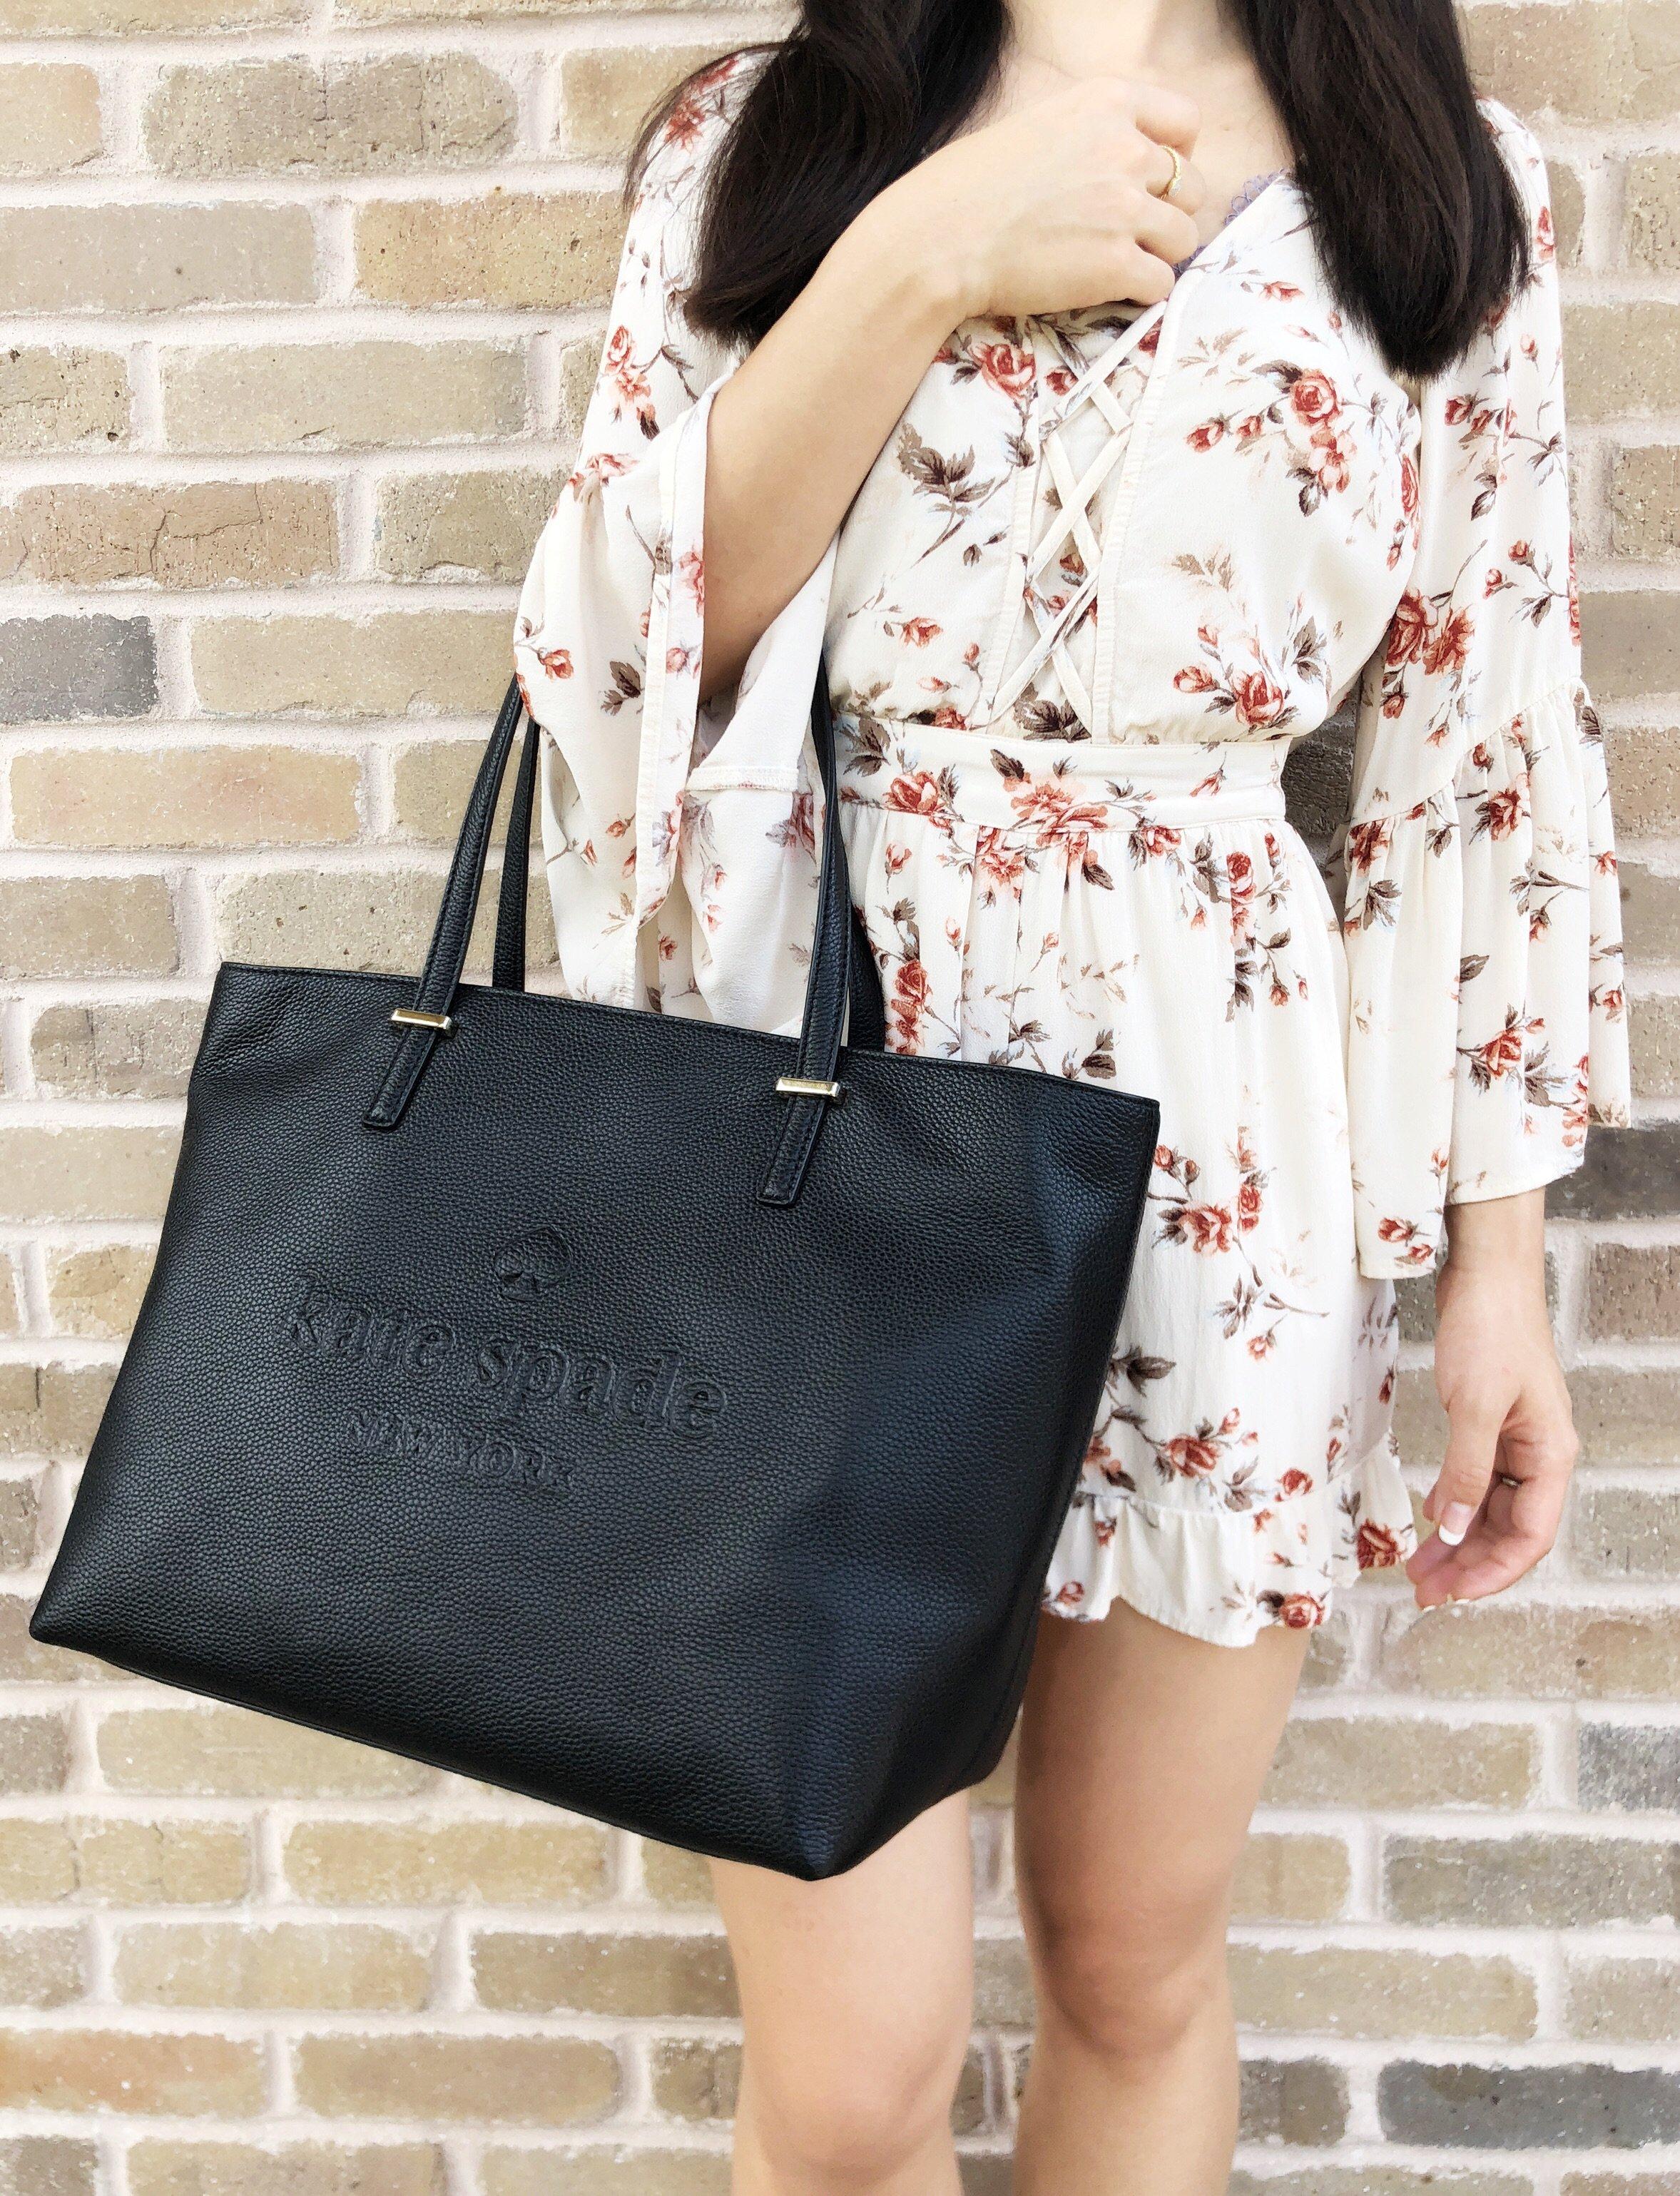 Kate Spade Ash Street Remmi Tote Pebble Leather Black Handbag WKRU5405